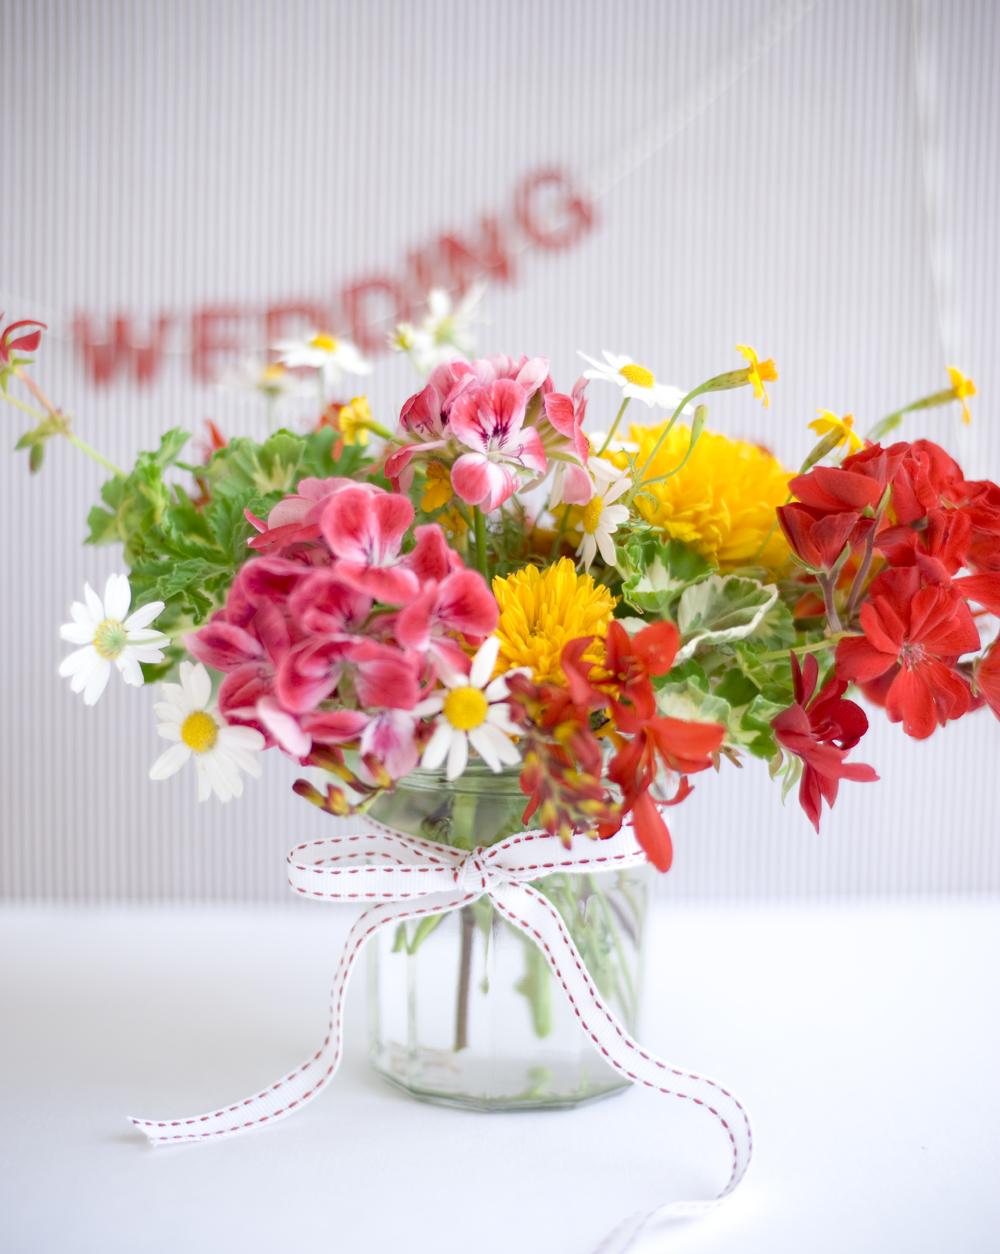 Geranium bouquet